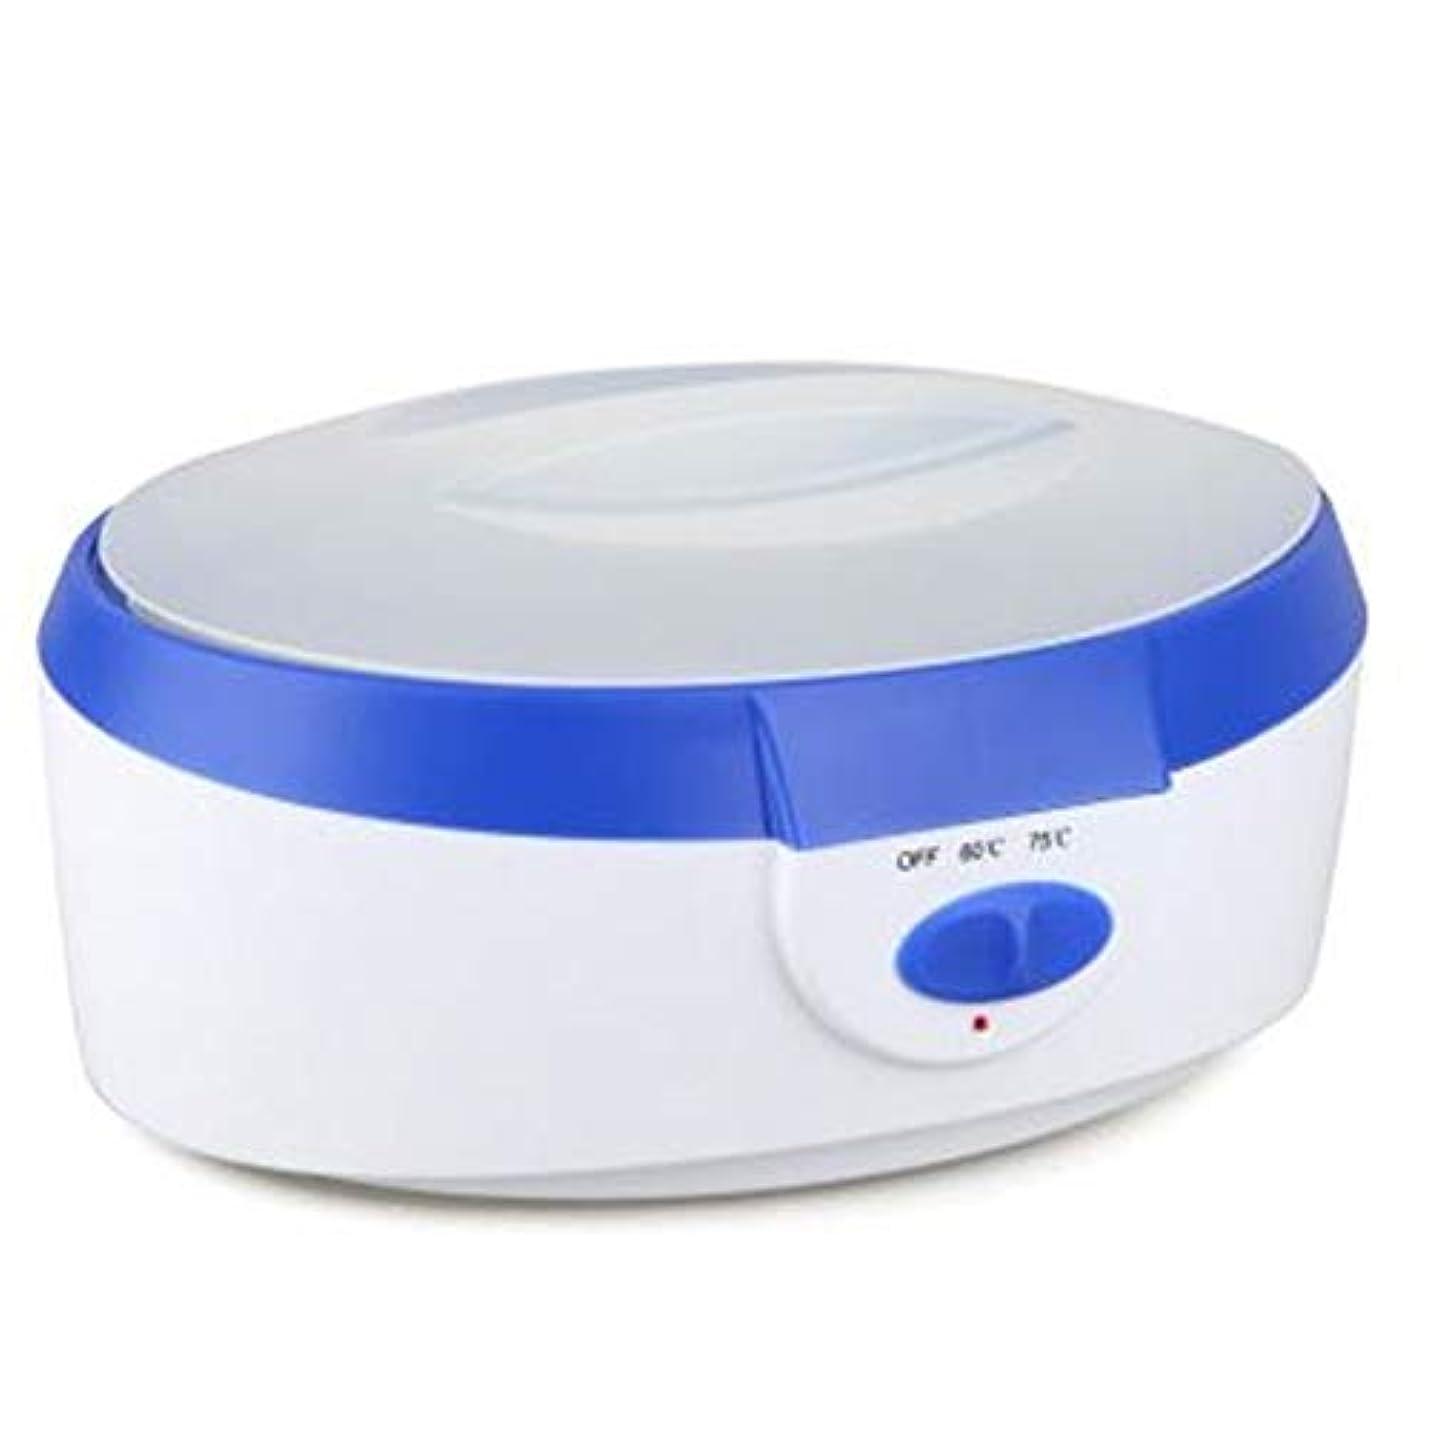 不潔民間氷2.5Lパラフィンワックスのヒーターの皮の処置機械高容量の毛の取り外しのパラフィン暖房の鍋のワックスのウォーマーセット,ブルー